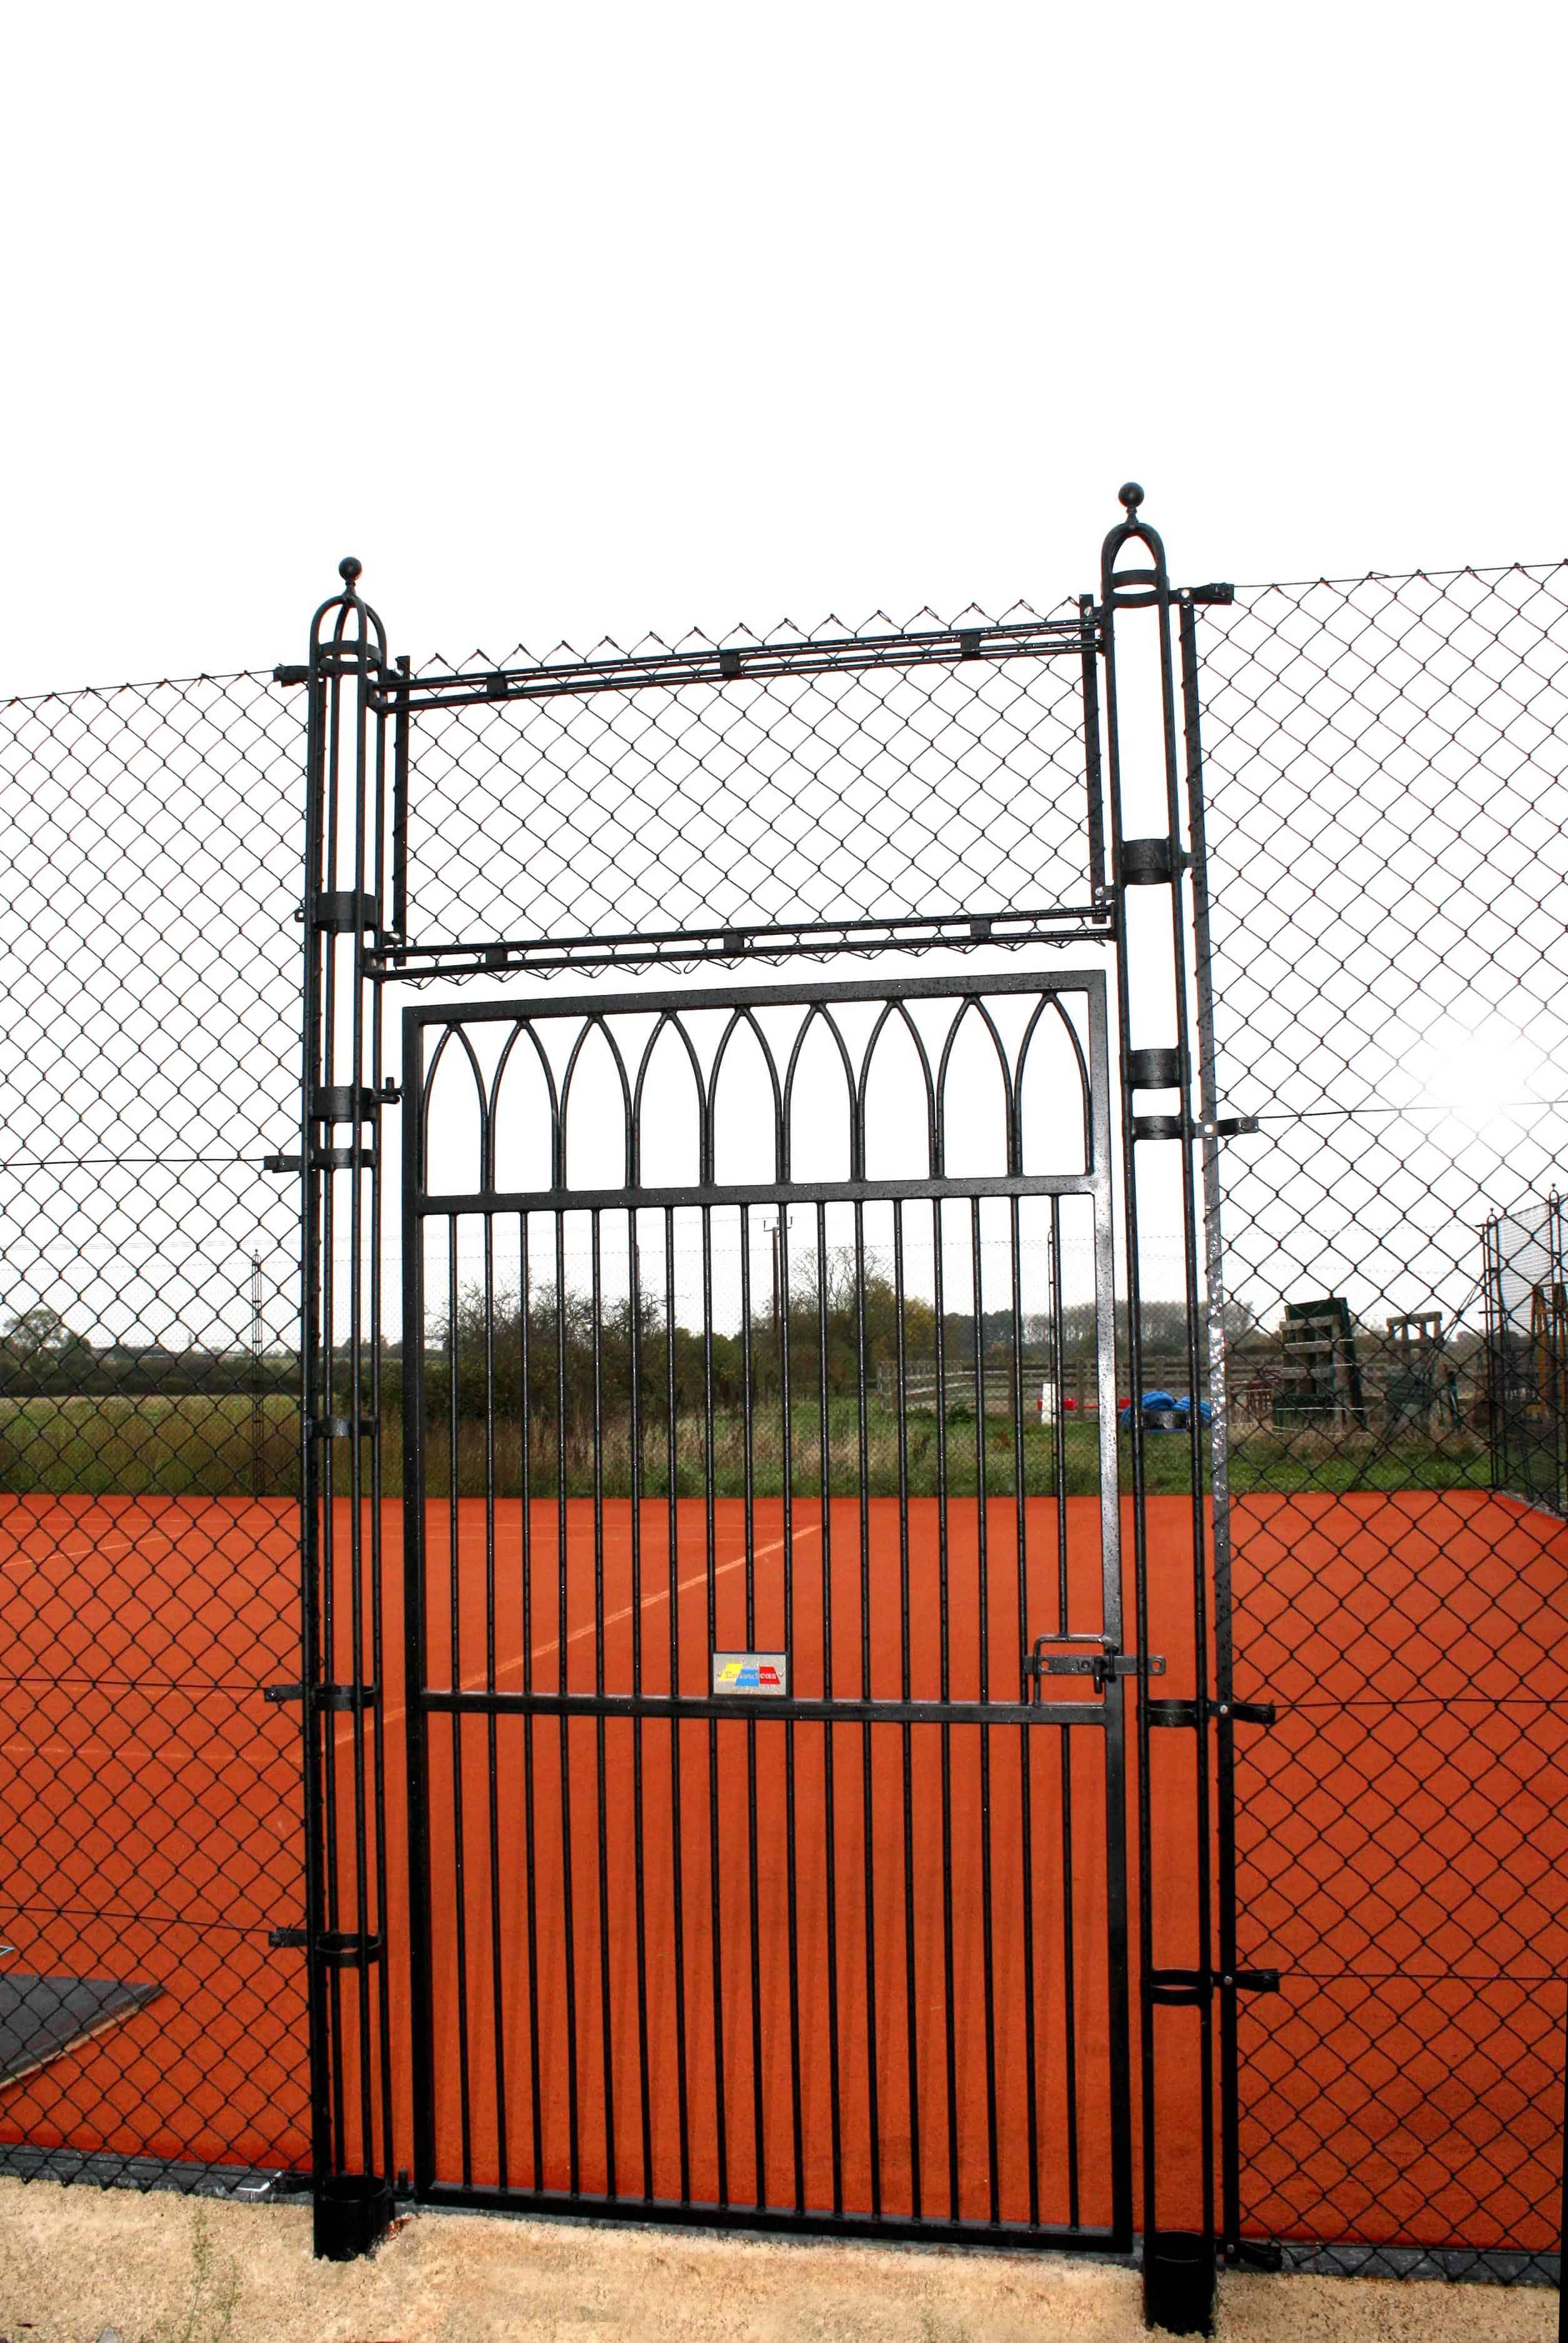 Gothic tennis court gate design by Elliott Courts - EnTC.